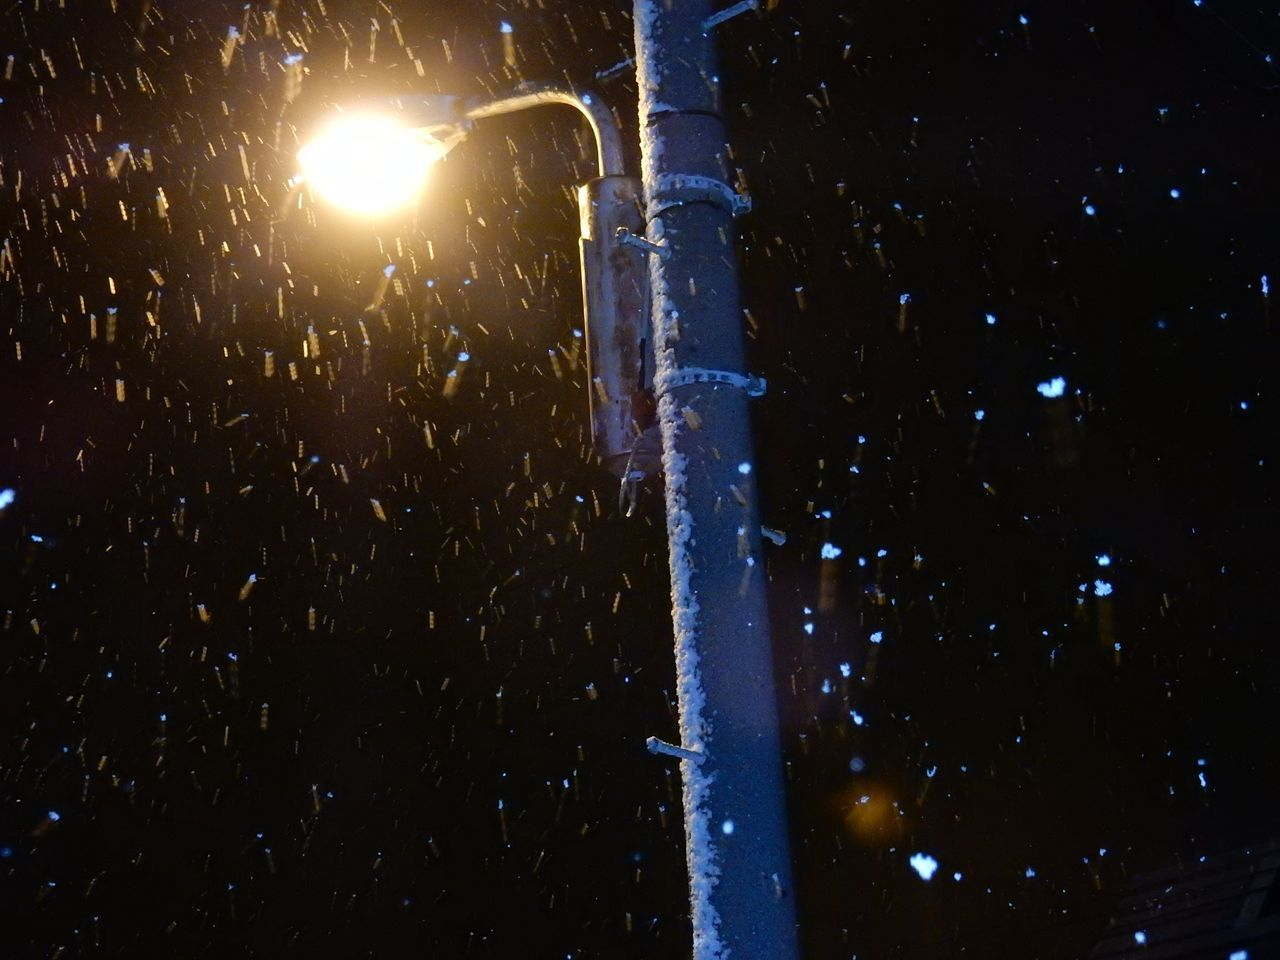 降雪ほどには積もらない_c0025115_16471035.jpg